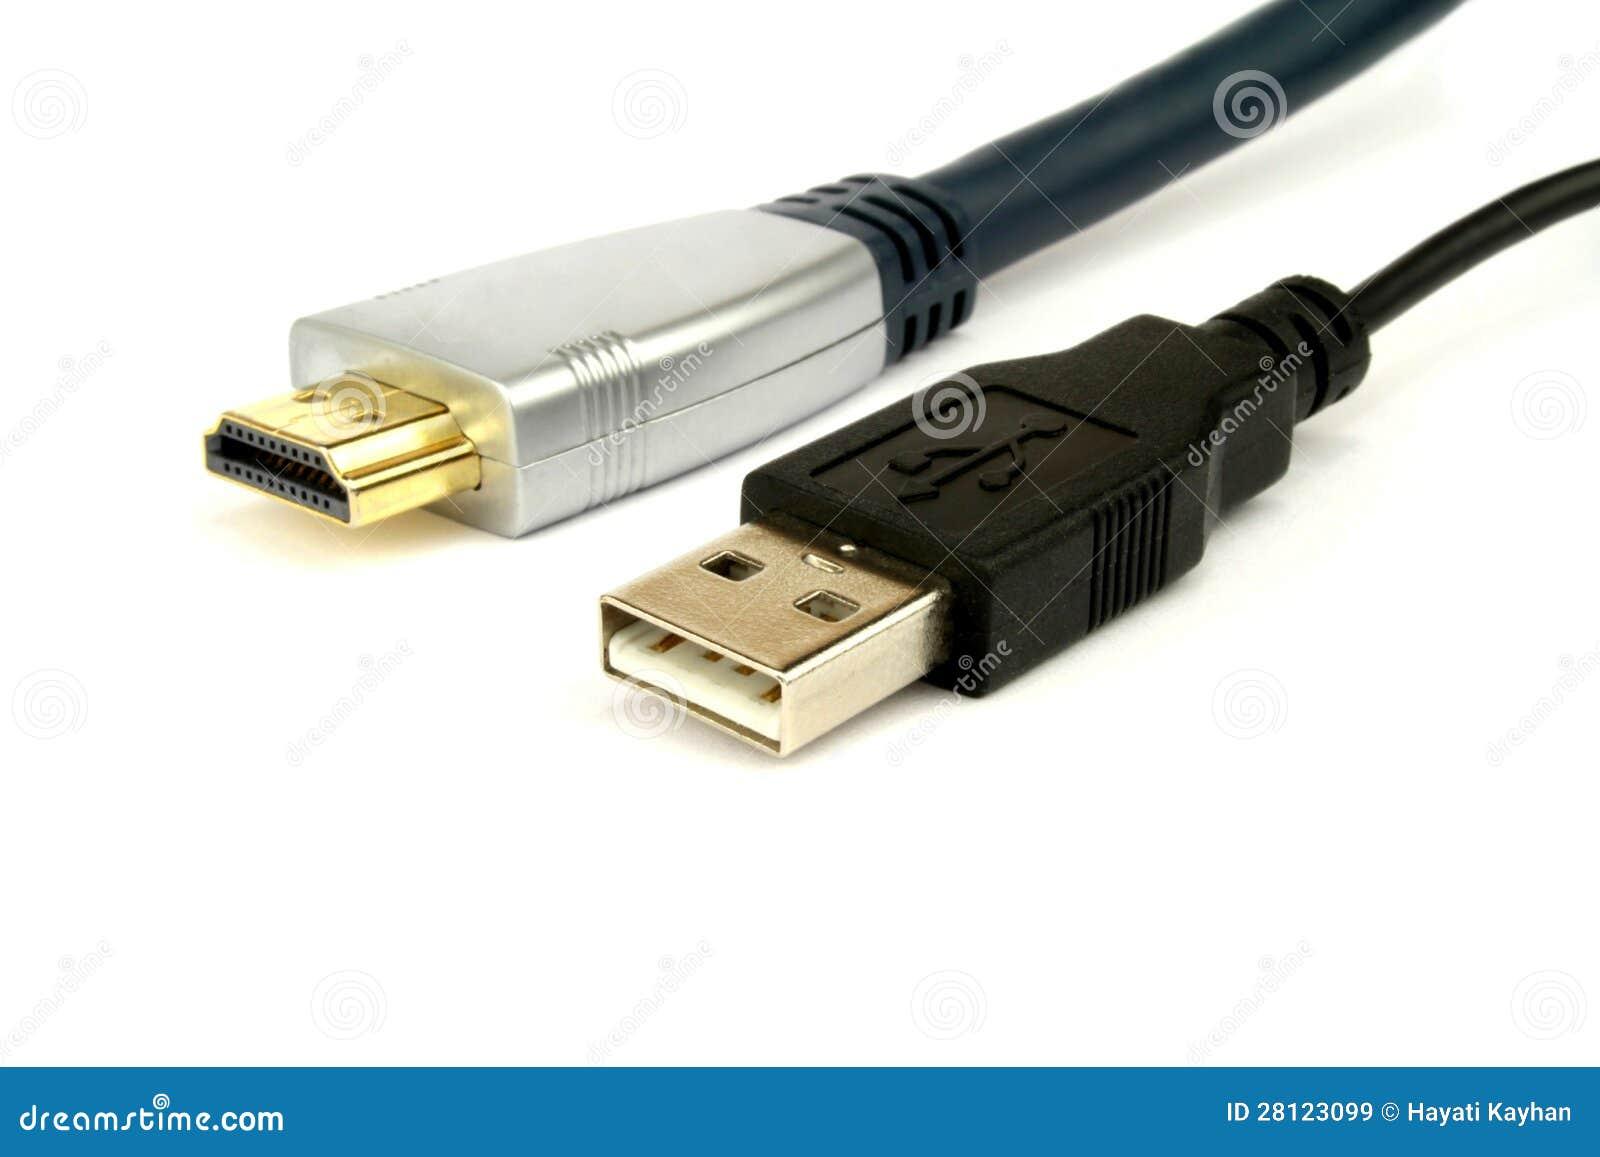 Cable de HDMI y de USB imagen de archivo. Imagen de input ... on usb 2 vs usb 3, usb tower, usb adapter, usb to micro usb, usb connector,